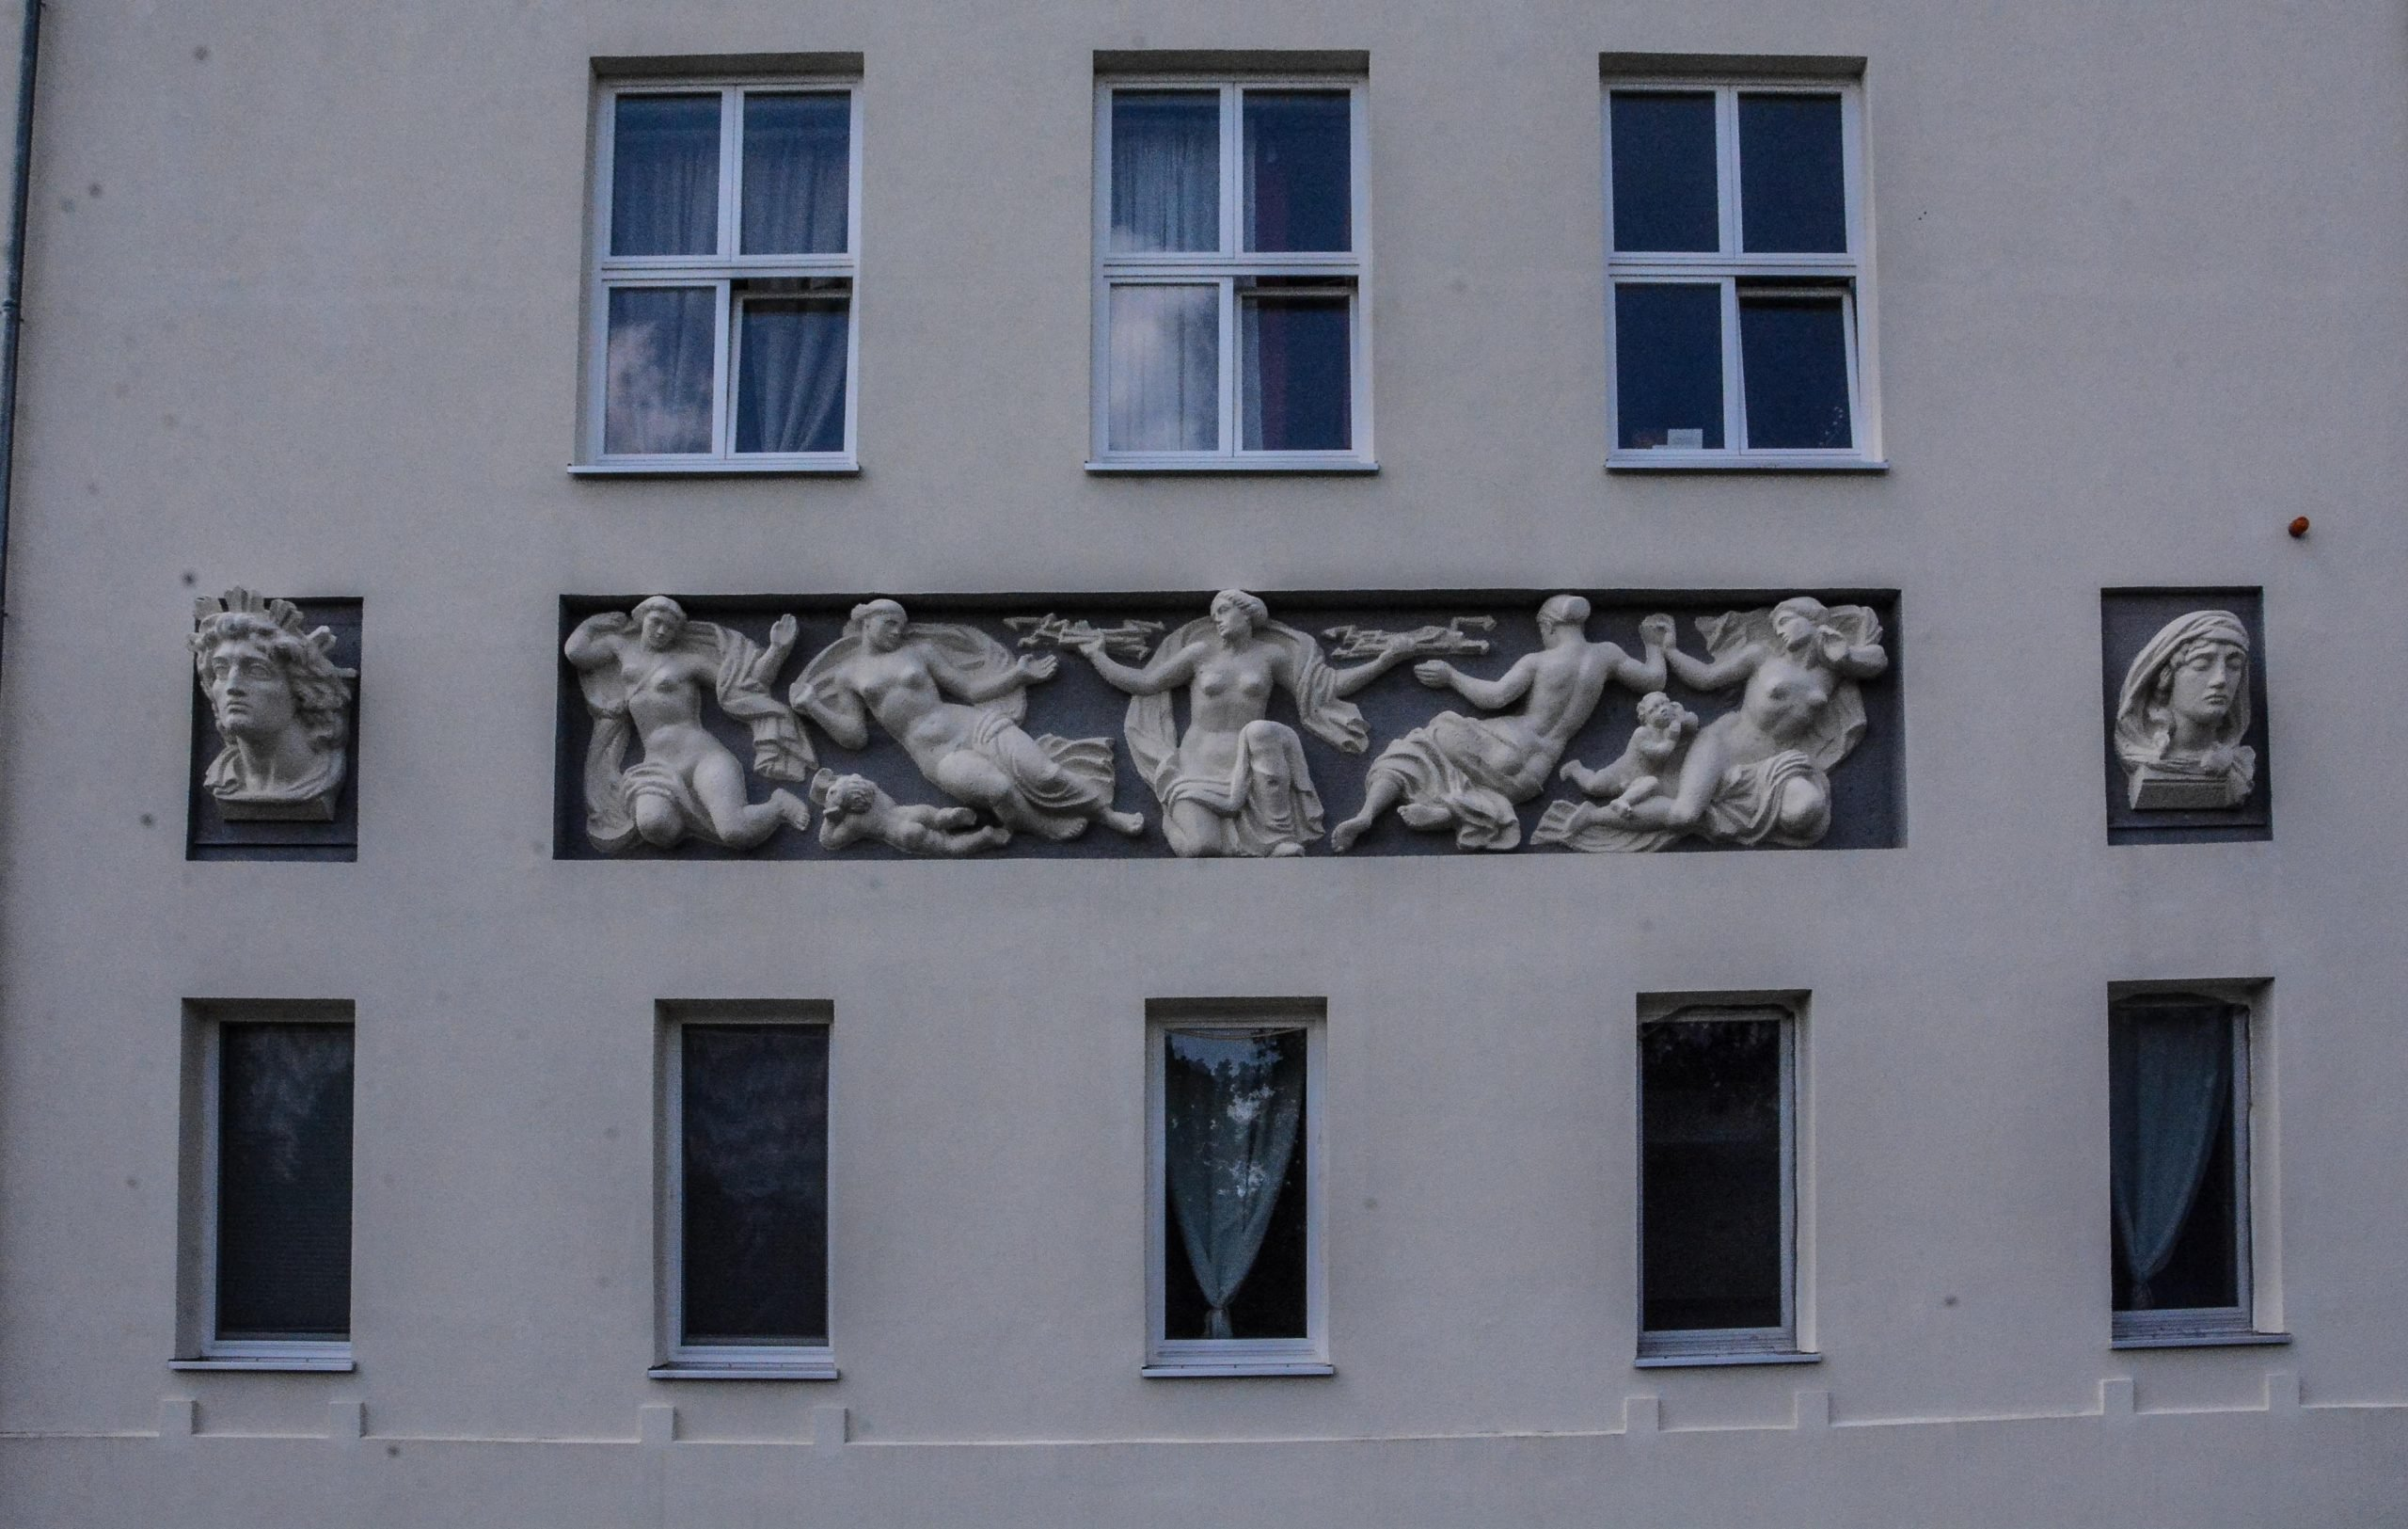 elektrizitaet relief vierter ring four ring platz des 4 juli berlin hitler autobahn zehlendorf